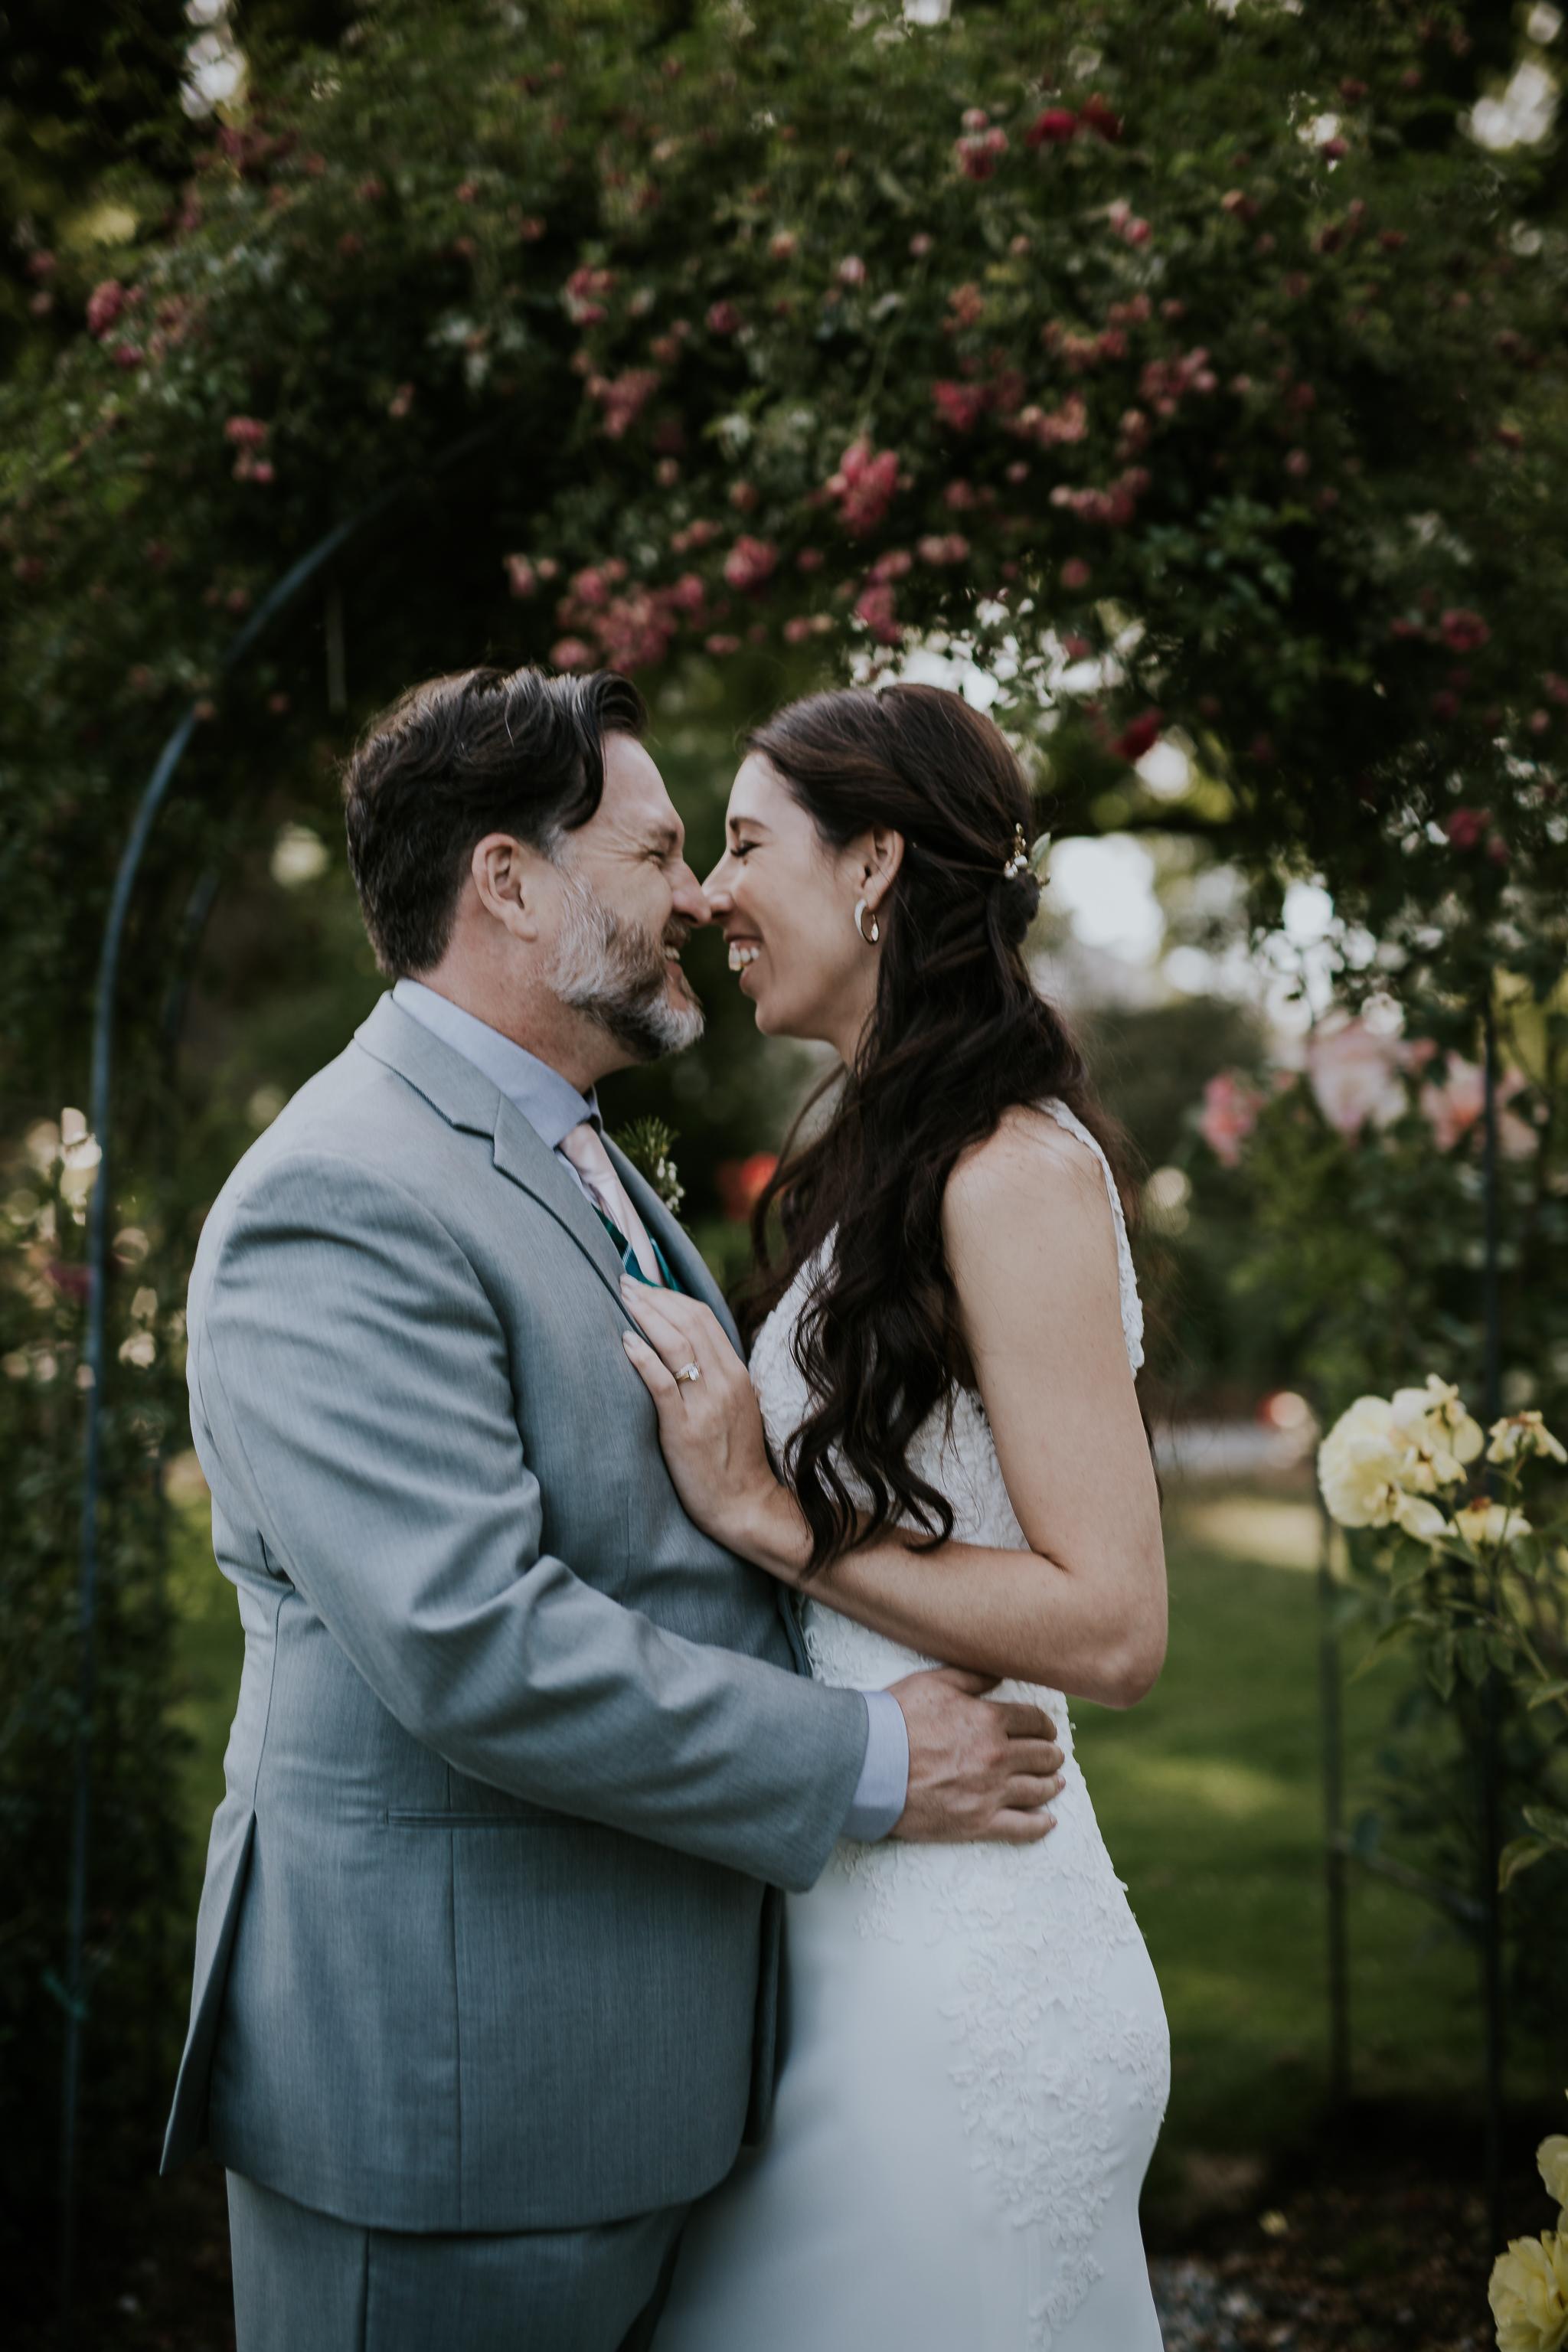 20170819-vancouver-island-elopement-photographer-Jen and Ken-0176.jpg